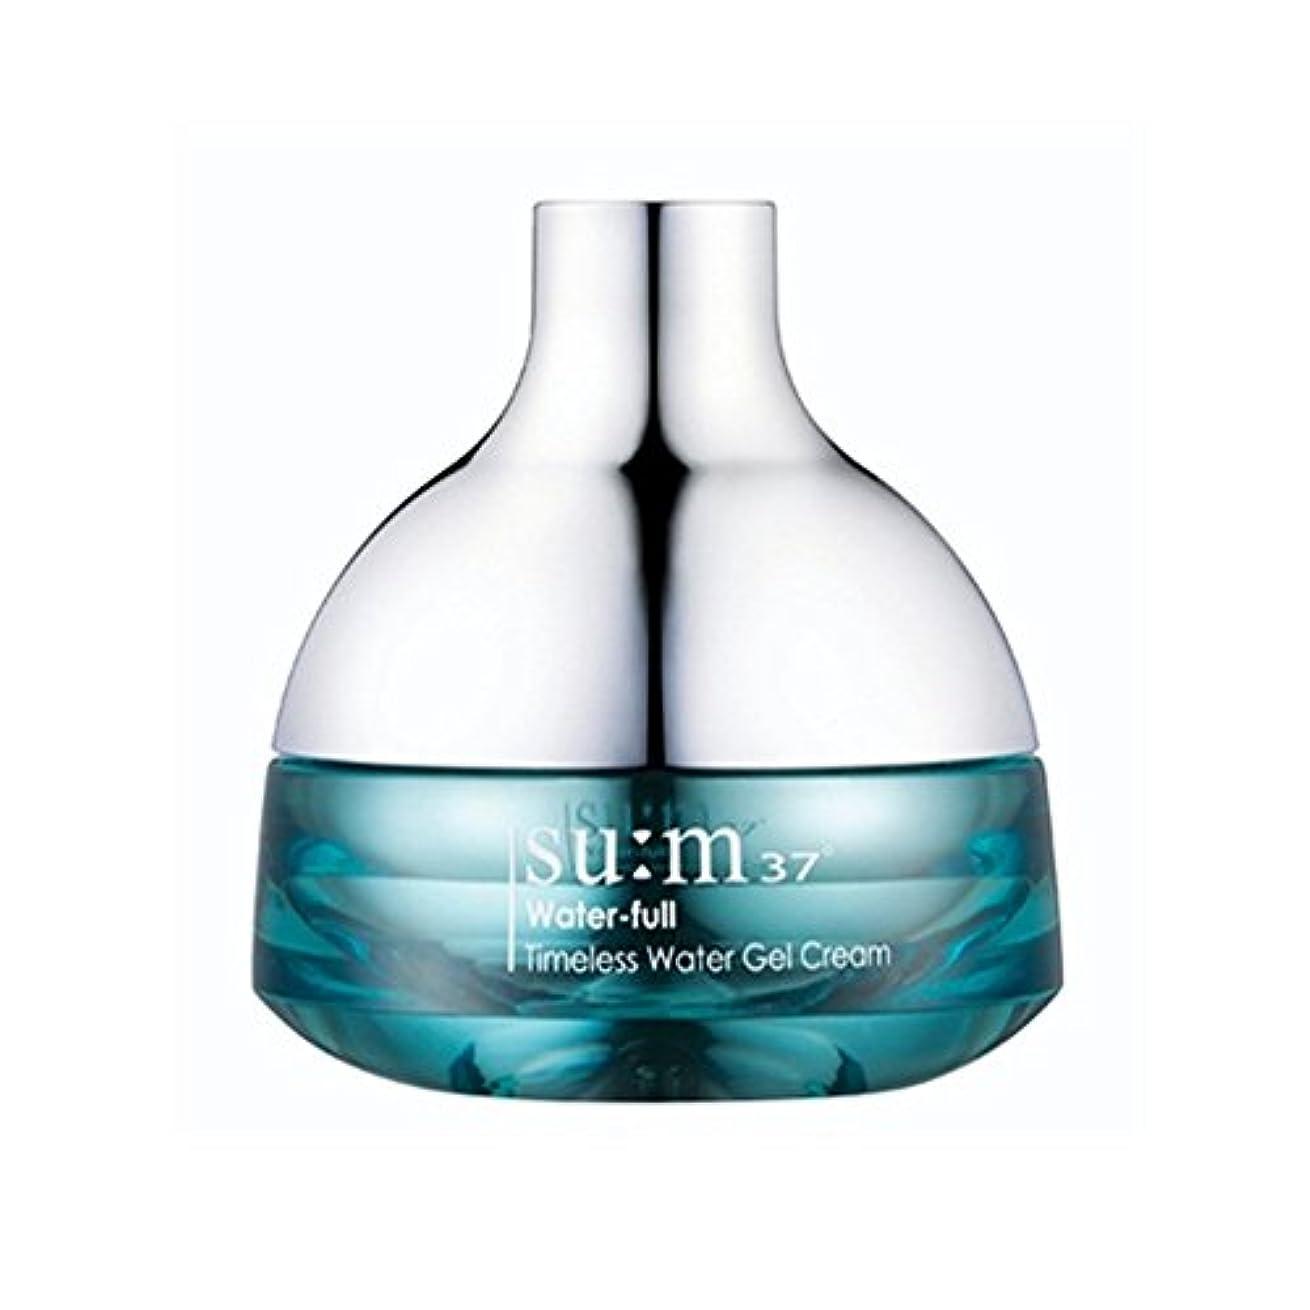 相談満員すぐに[su:m37/スム37°] SUM37 Water-full Timeless Water Gel Cream 50ml/WF07 sum37 ウォータフル タイムレス ウォータージェルクリーム 50ml +[Sample...